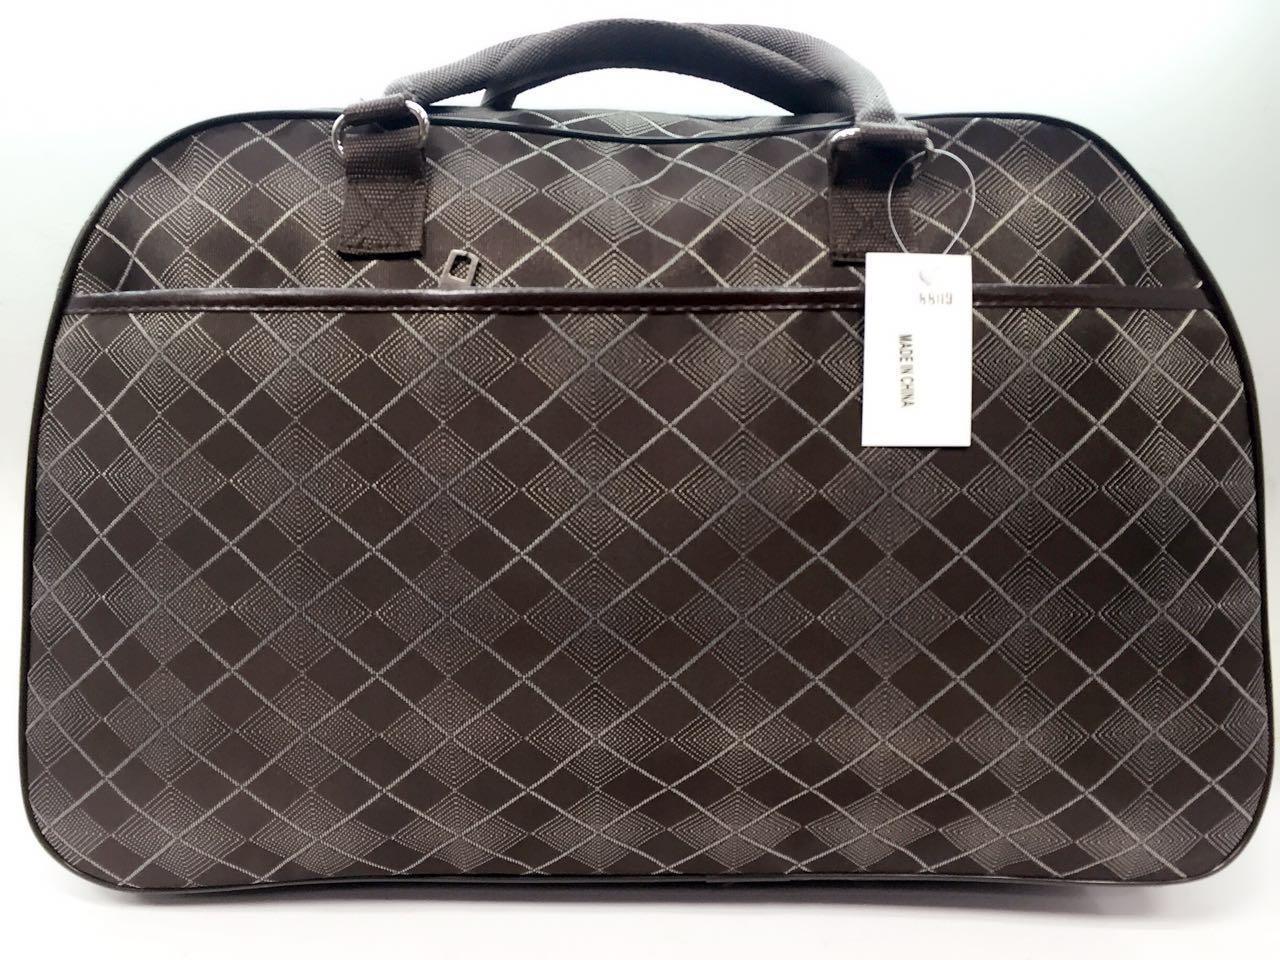 Стильная дорожная женская сумка-саквояж коричневая вместительная